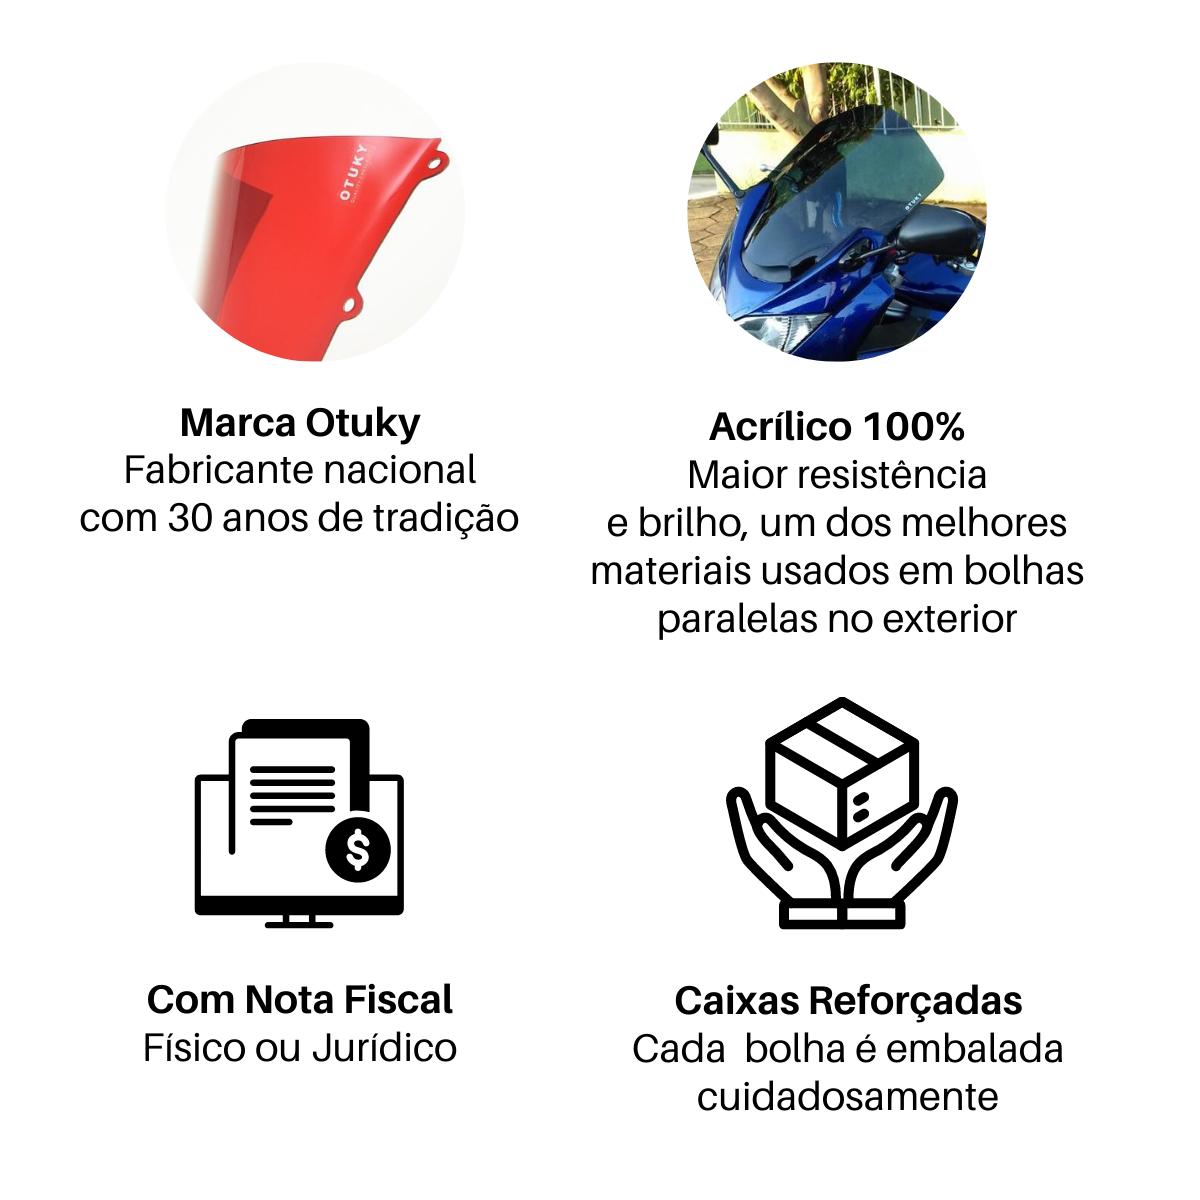 Bolha para Moto Nmax 160 2017 2018 2019 2020 2021 Otuky Padrão Fumê Escuro